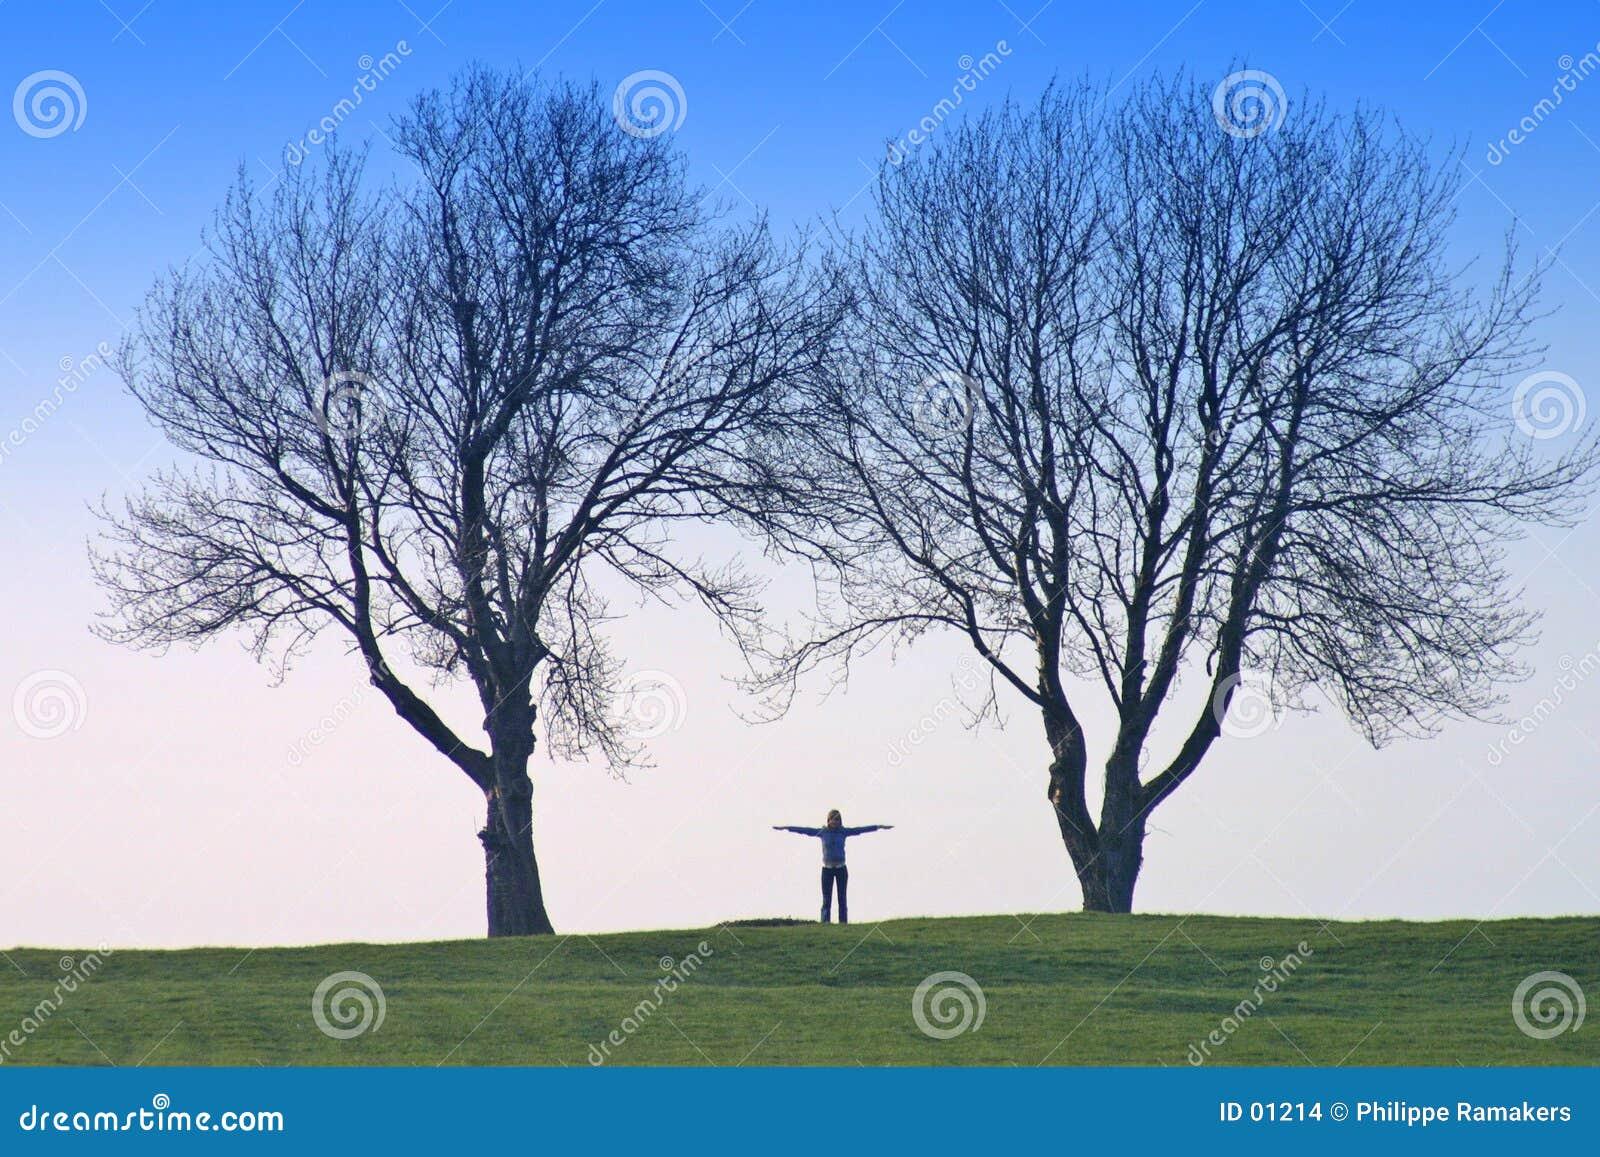 Human shape and trees